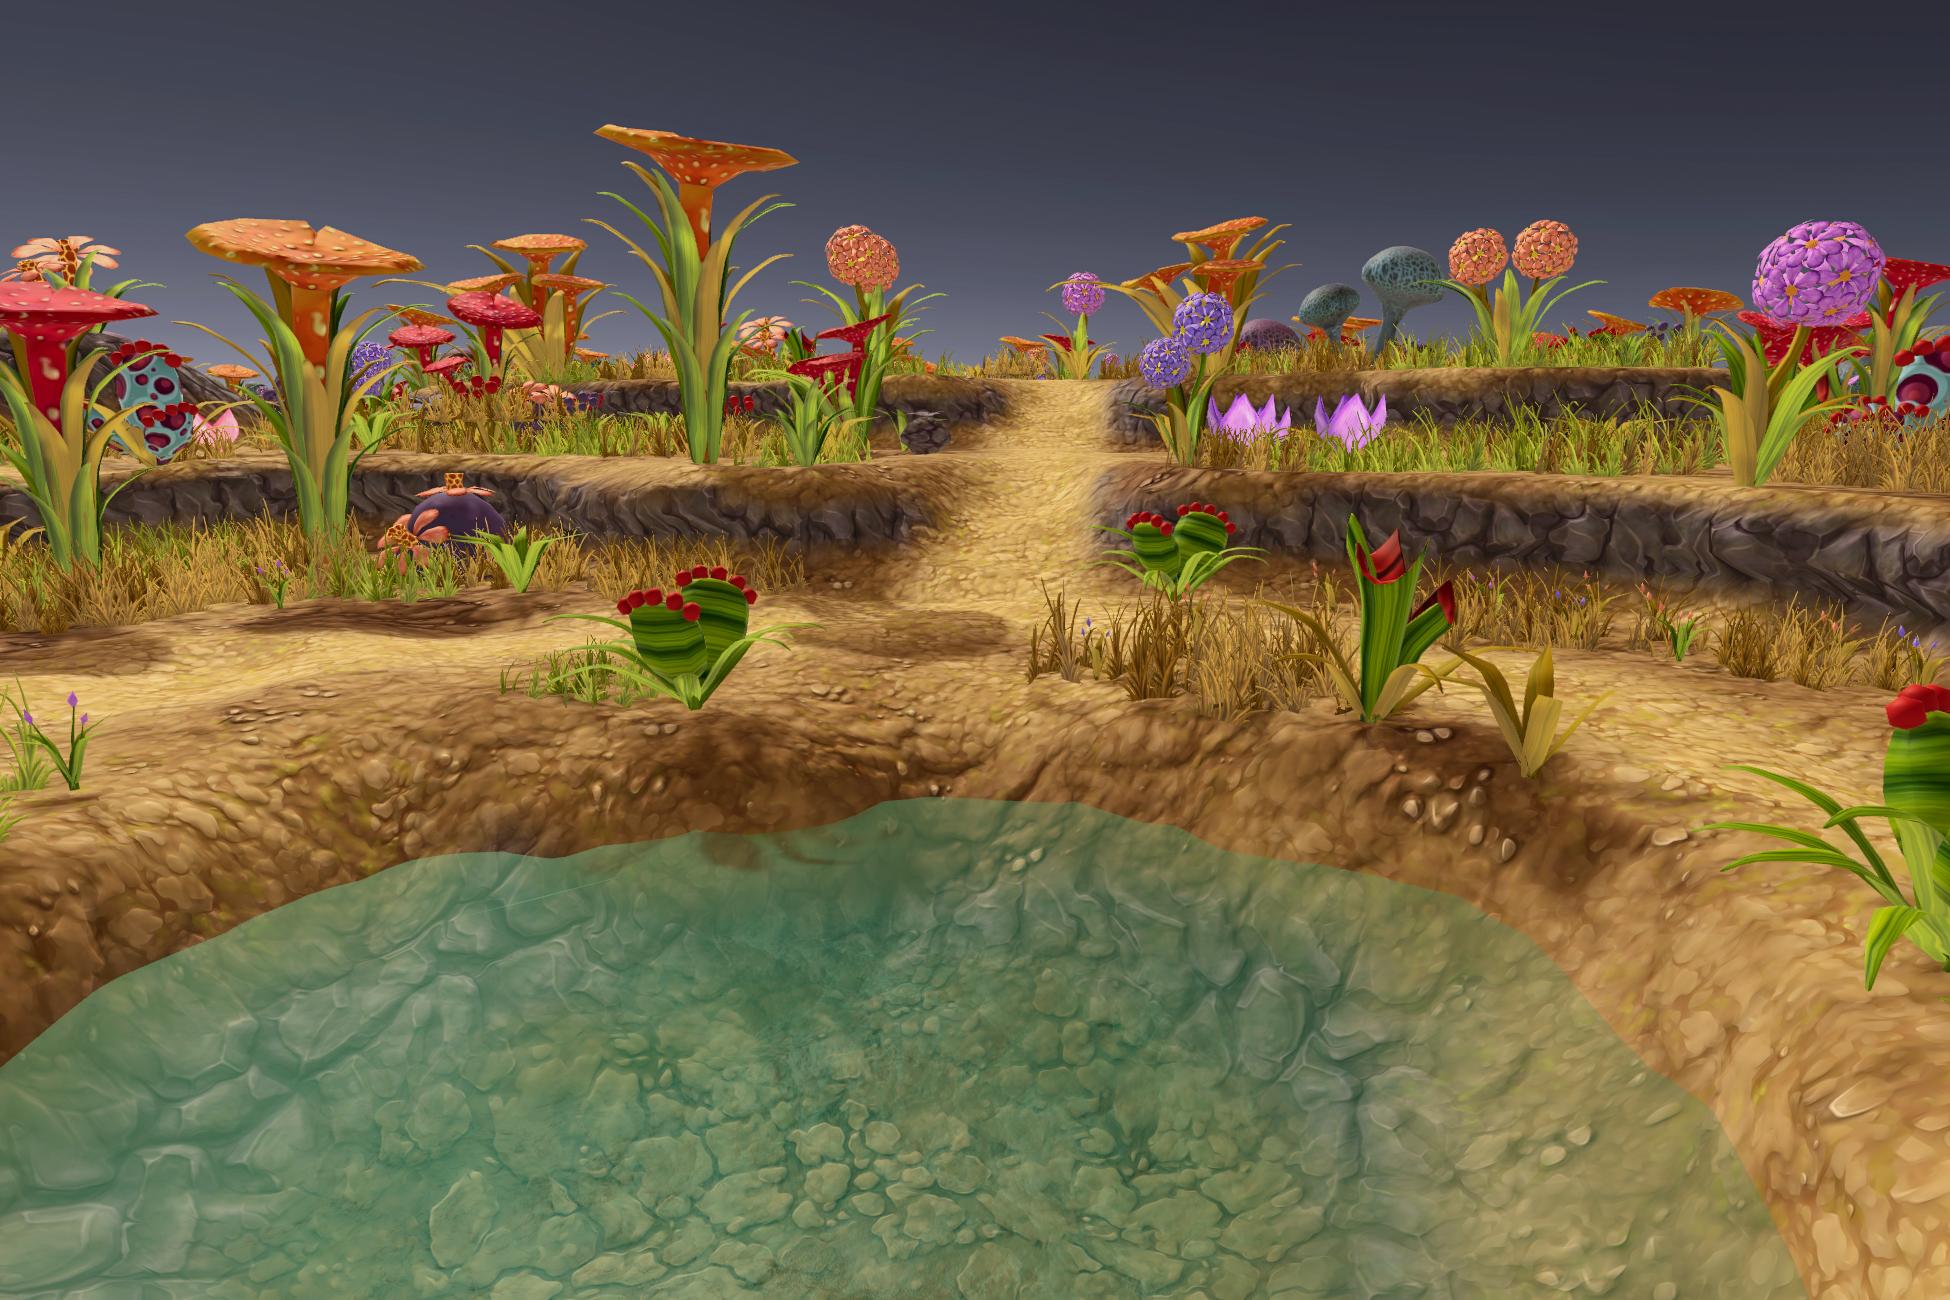 Stylized Fantasy Vegetation 1